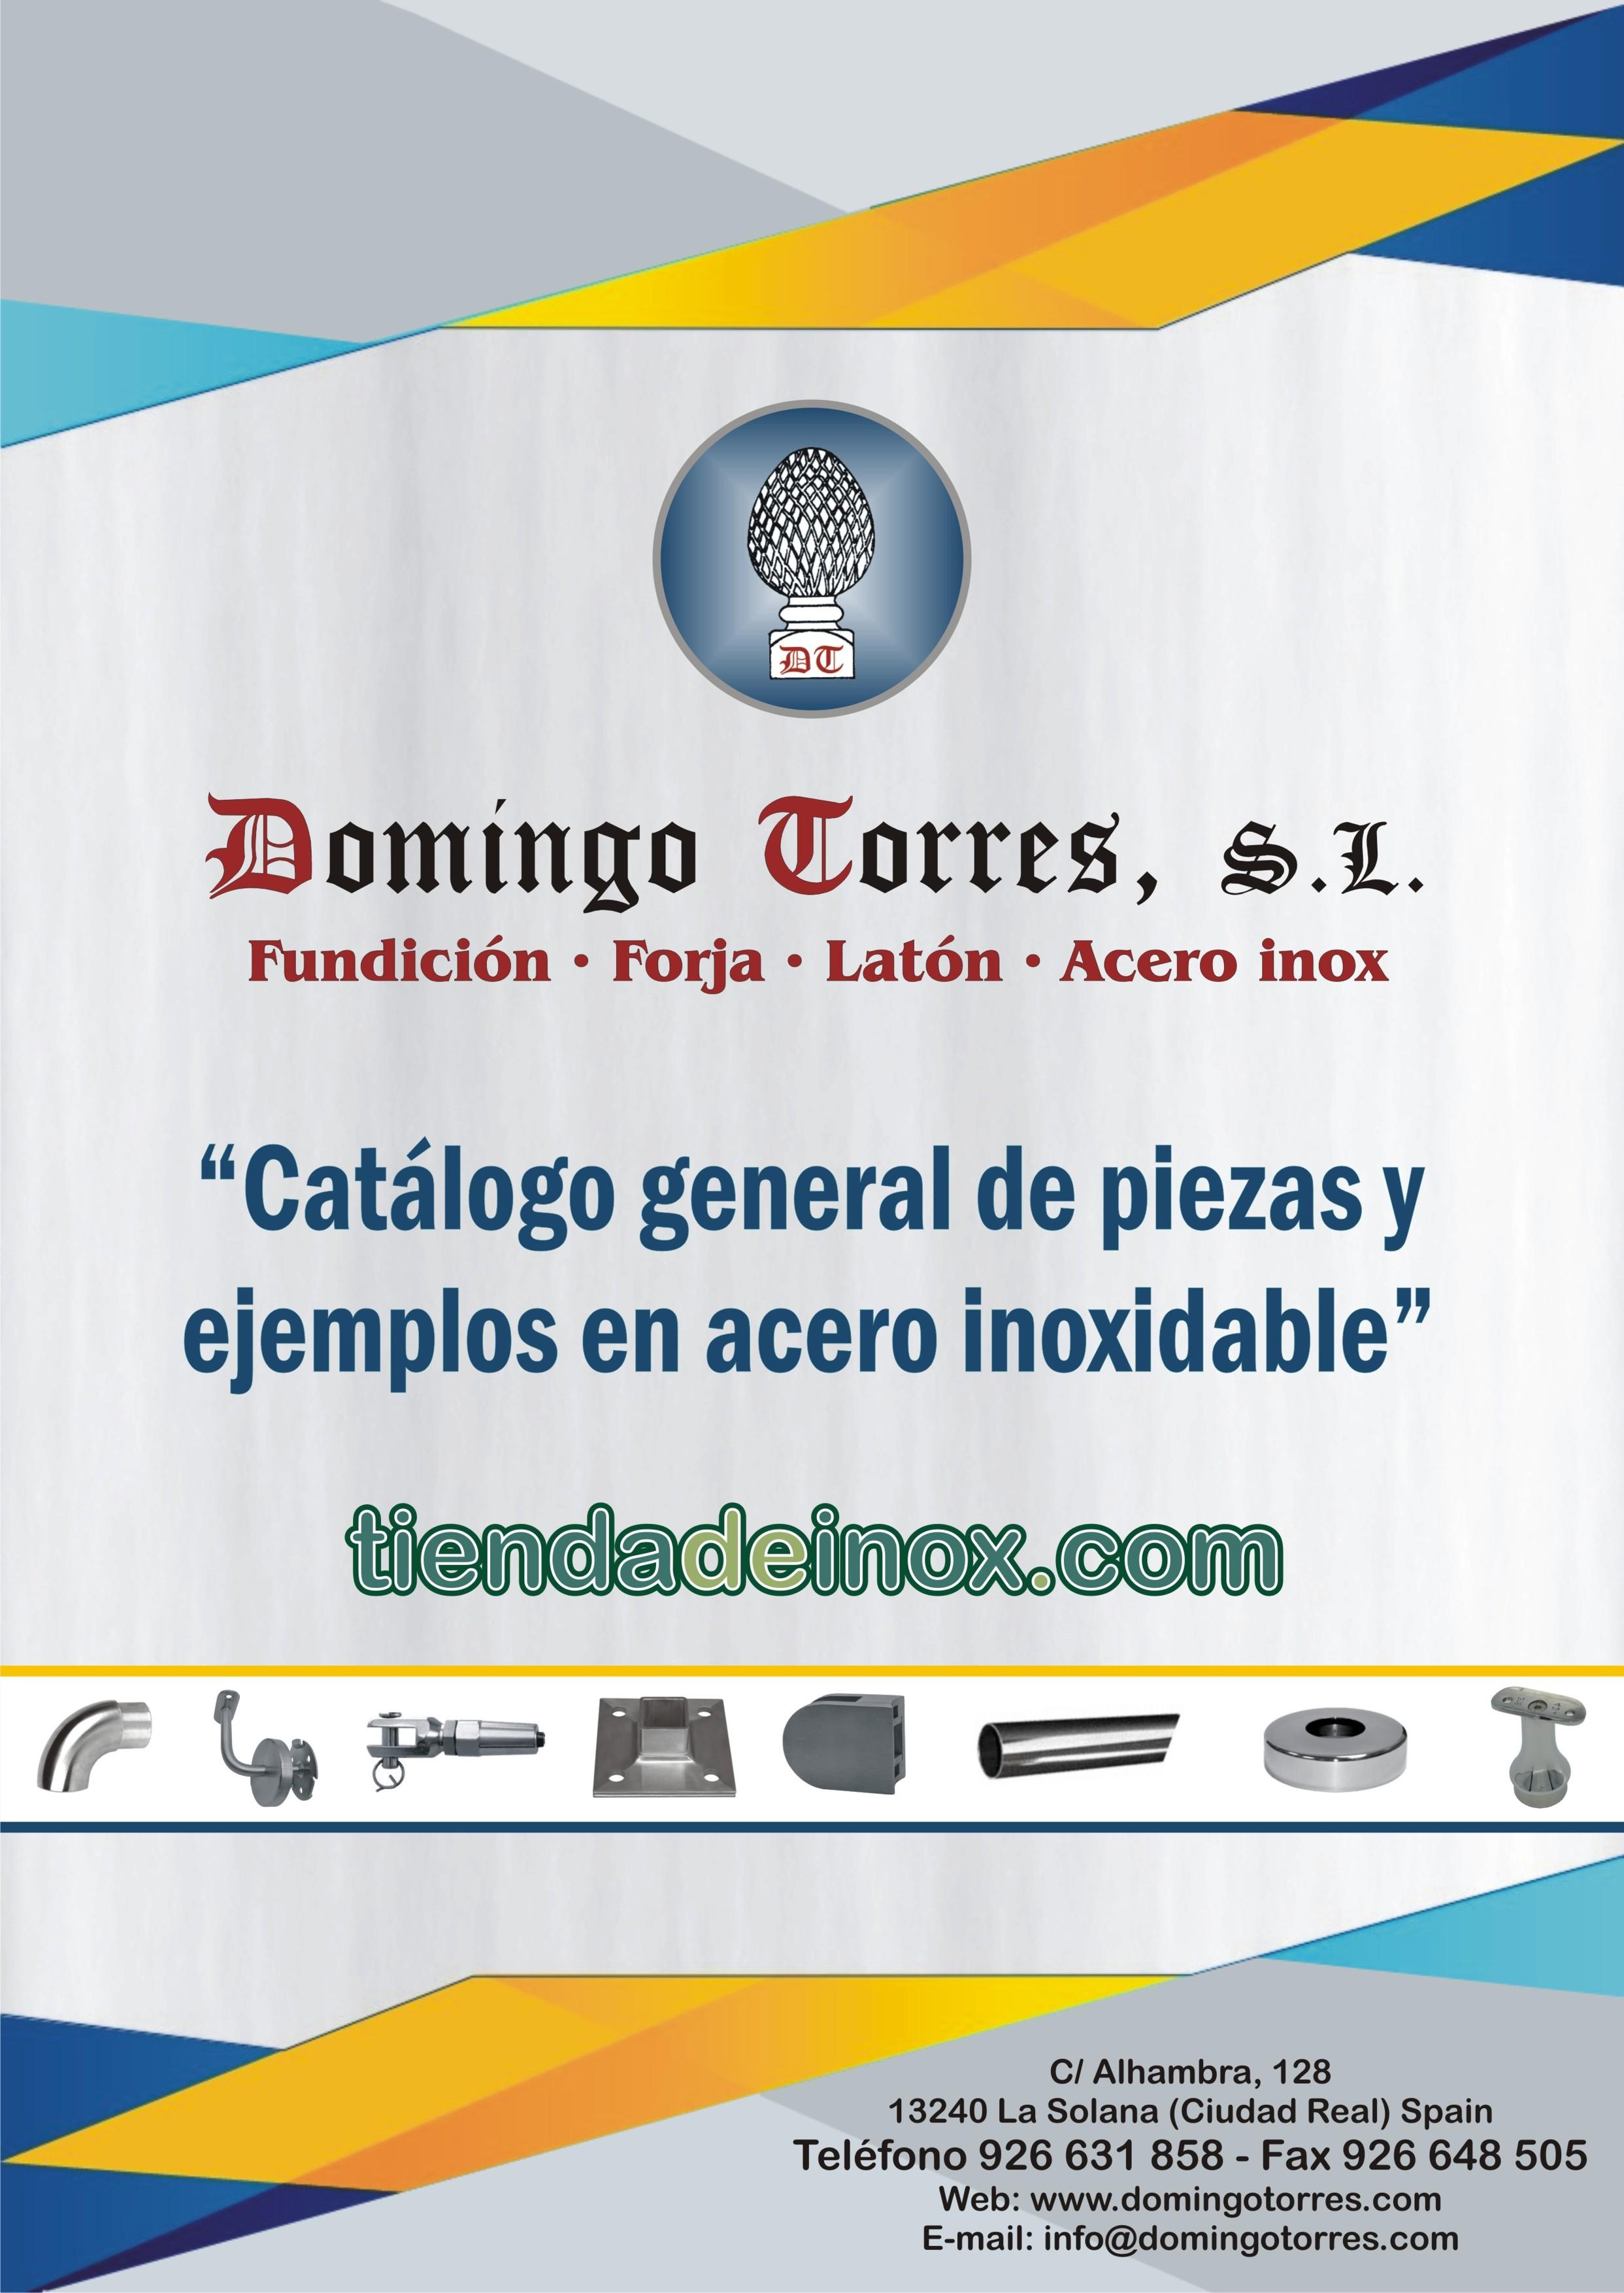 Catálogo de piezas y ejemplos de acero inoxidable